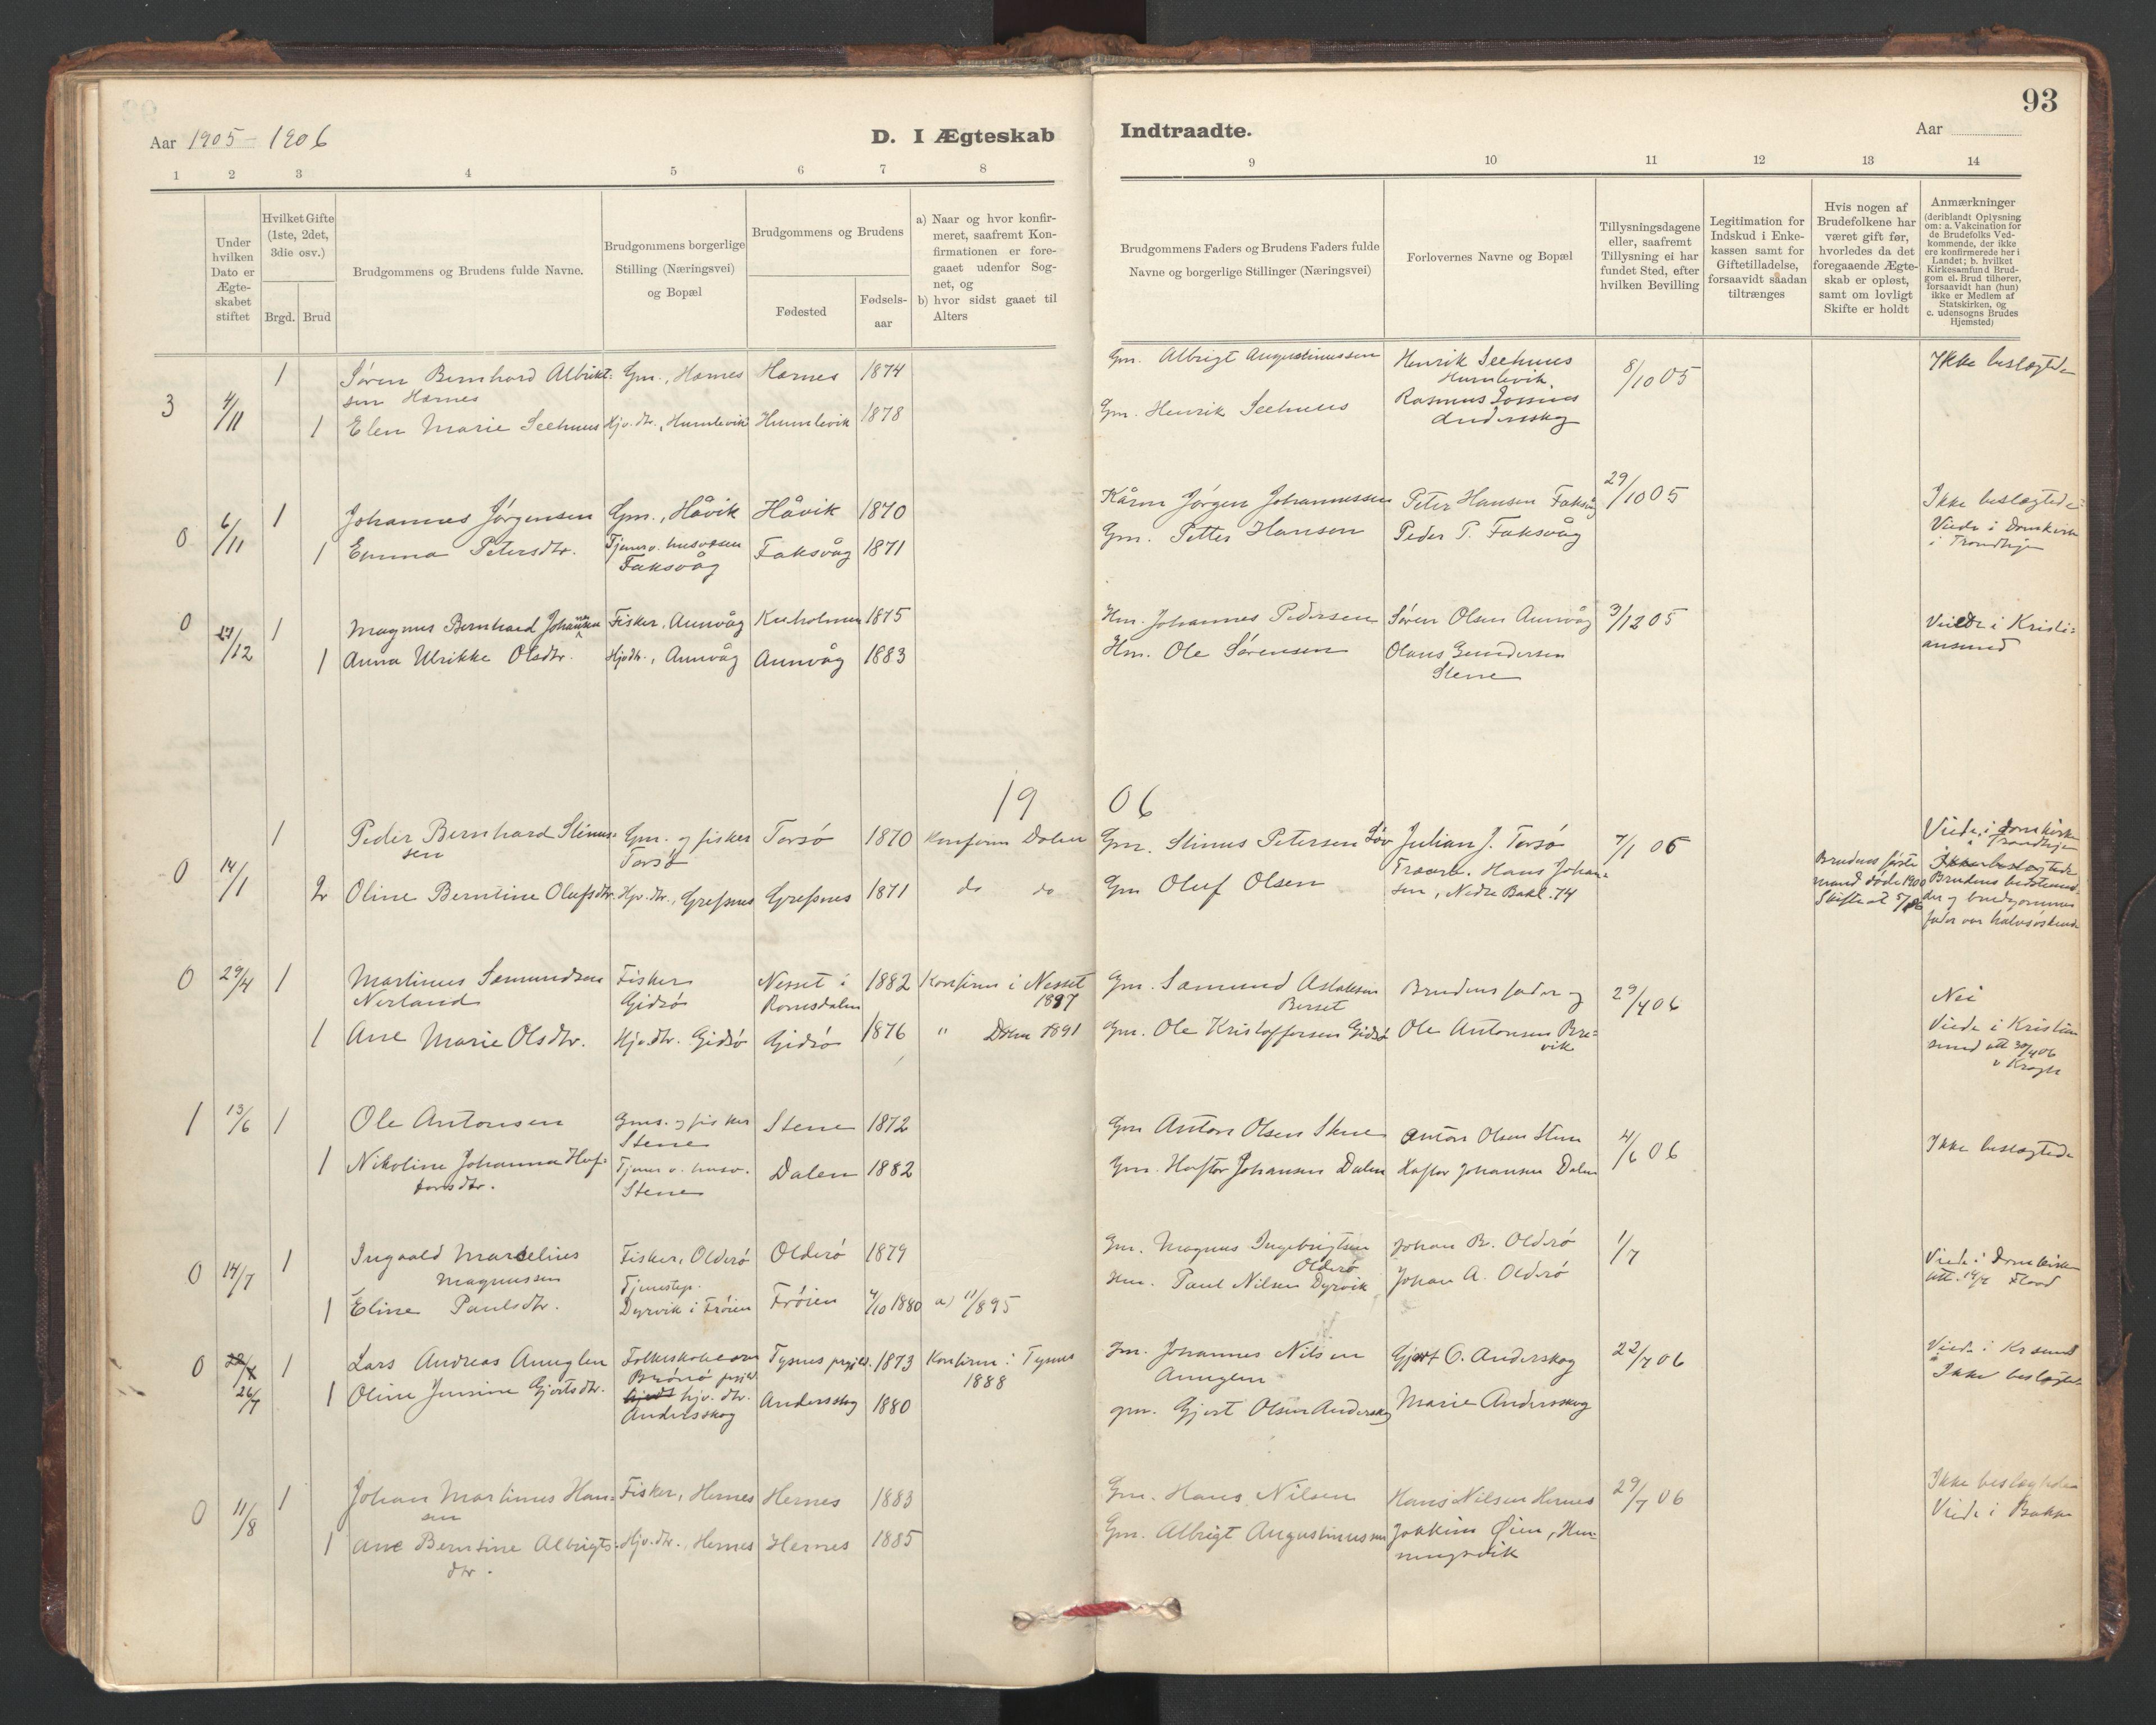 SAT, Ministerialprotokoller, klokkerbøker og fødselsregistre - Sør-Trøndelag, 635/L0552: Ministerialbok nr. 635A02, 1899-1919, s. 93